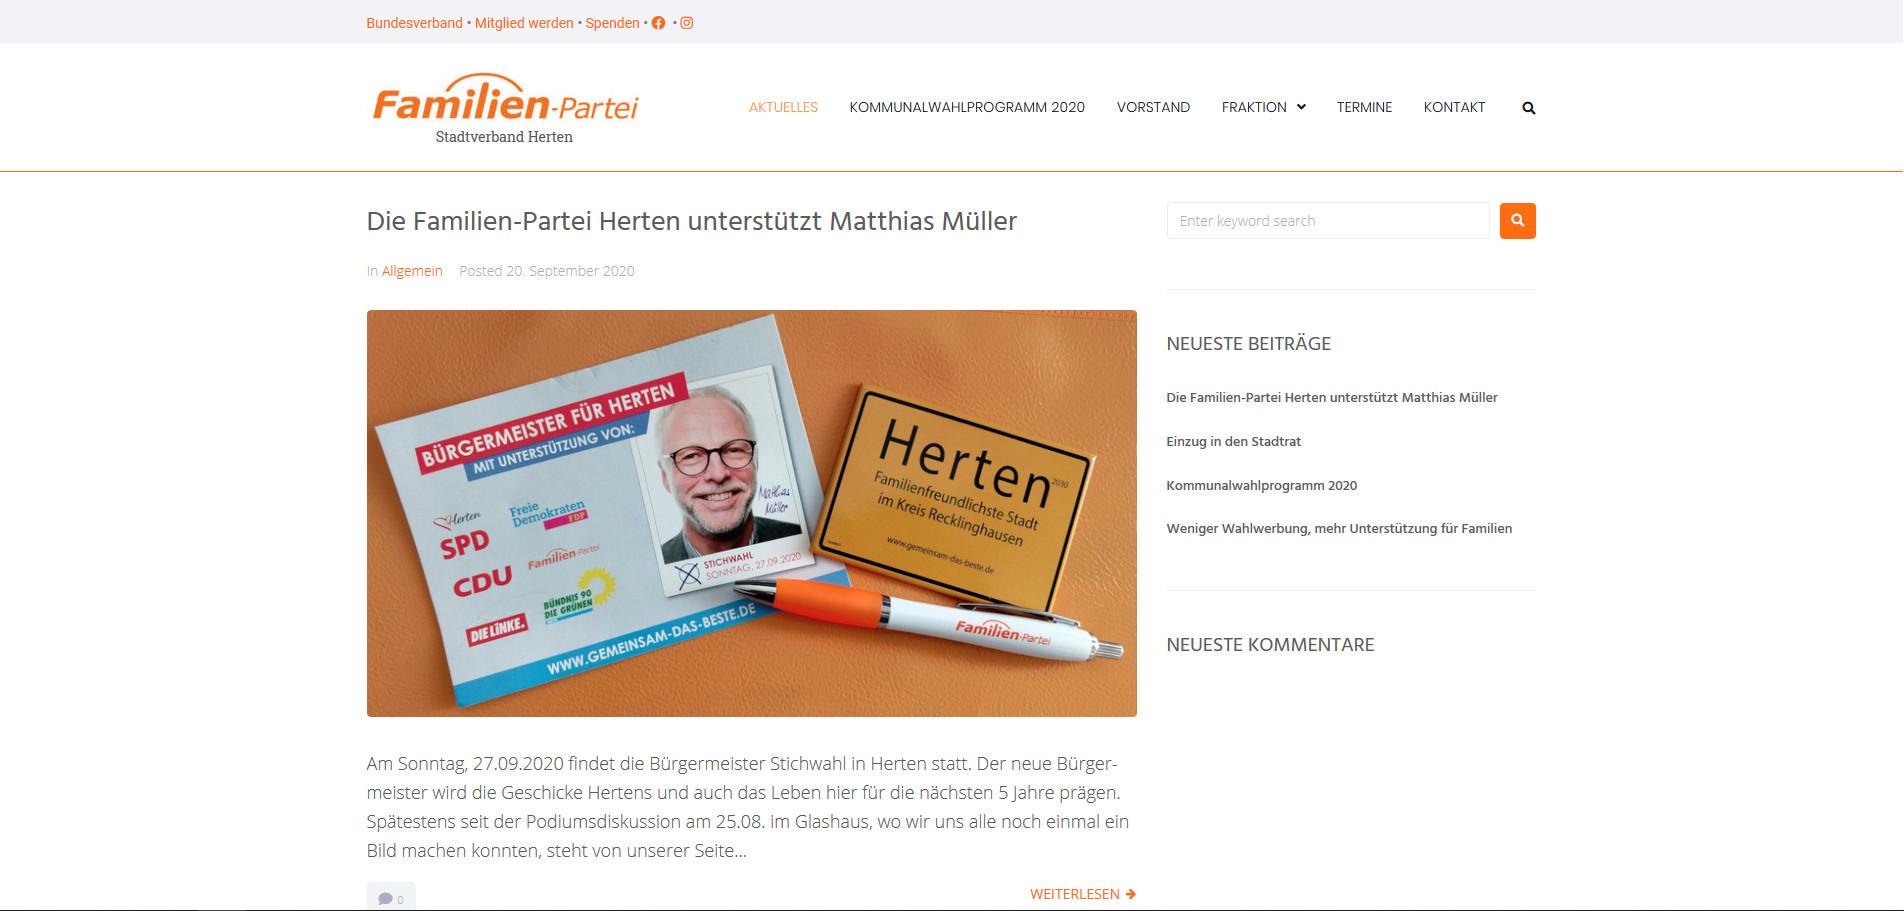 Familien-Partei Stadtverband Herten